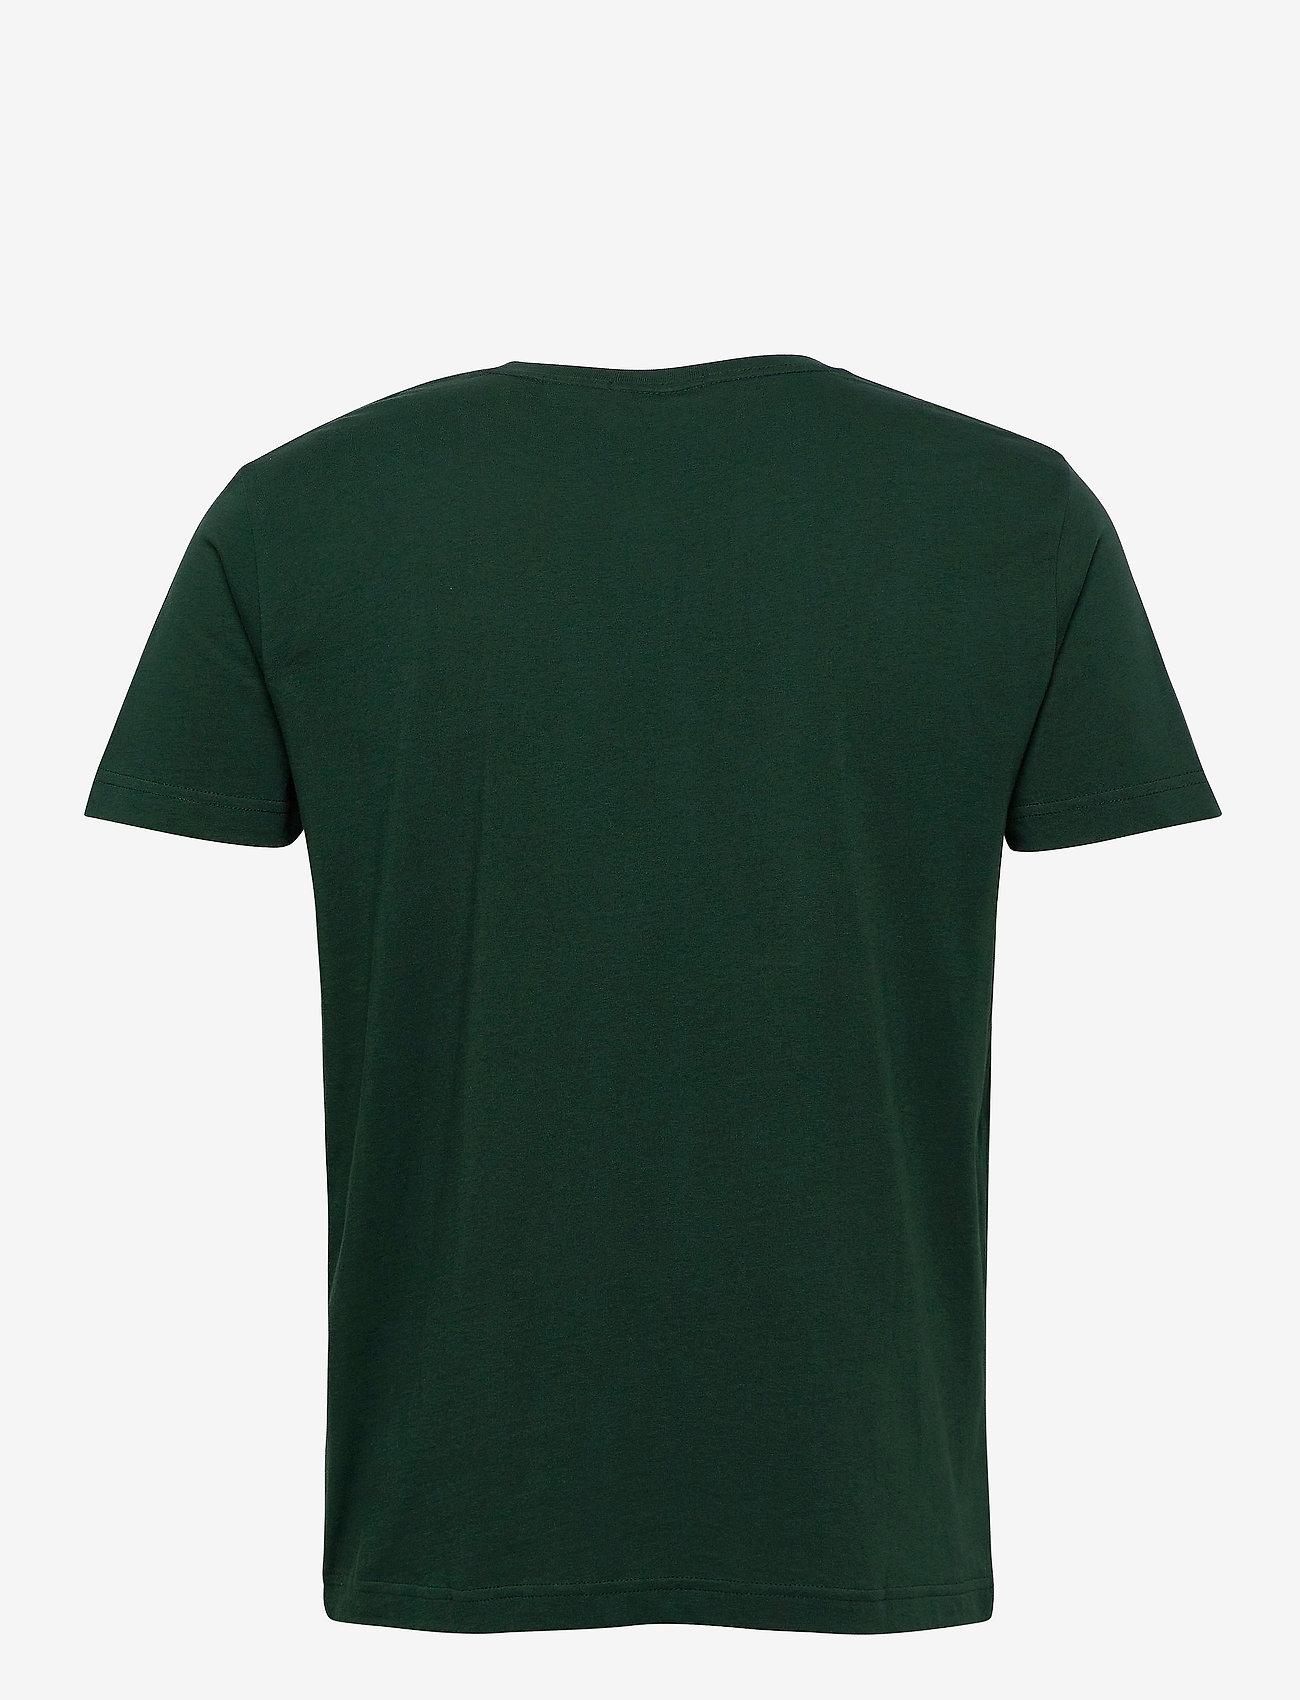 GANT - ORIGINAL SS T-SHIRT - short-sleeved t-shirts - tartan green - 1